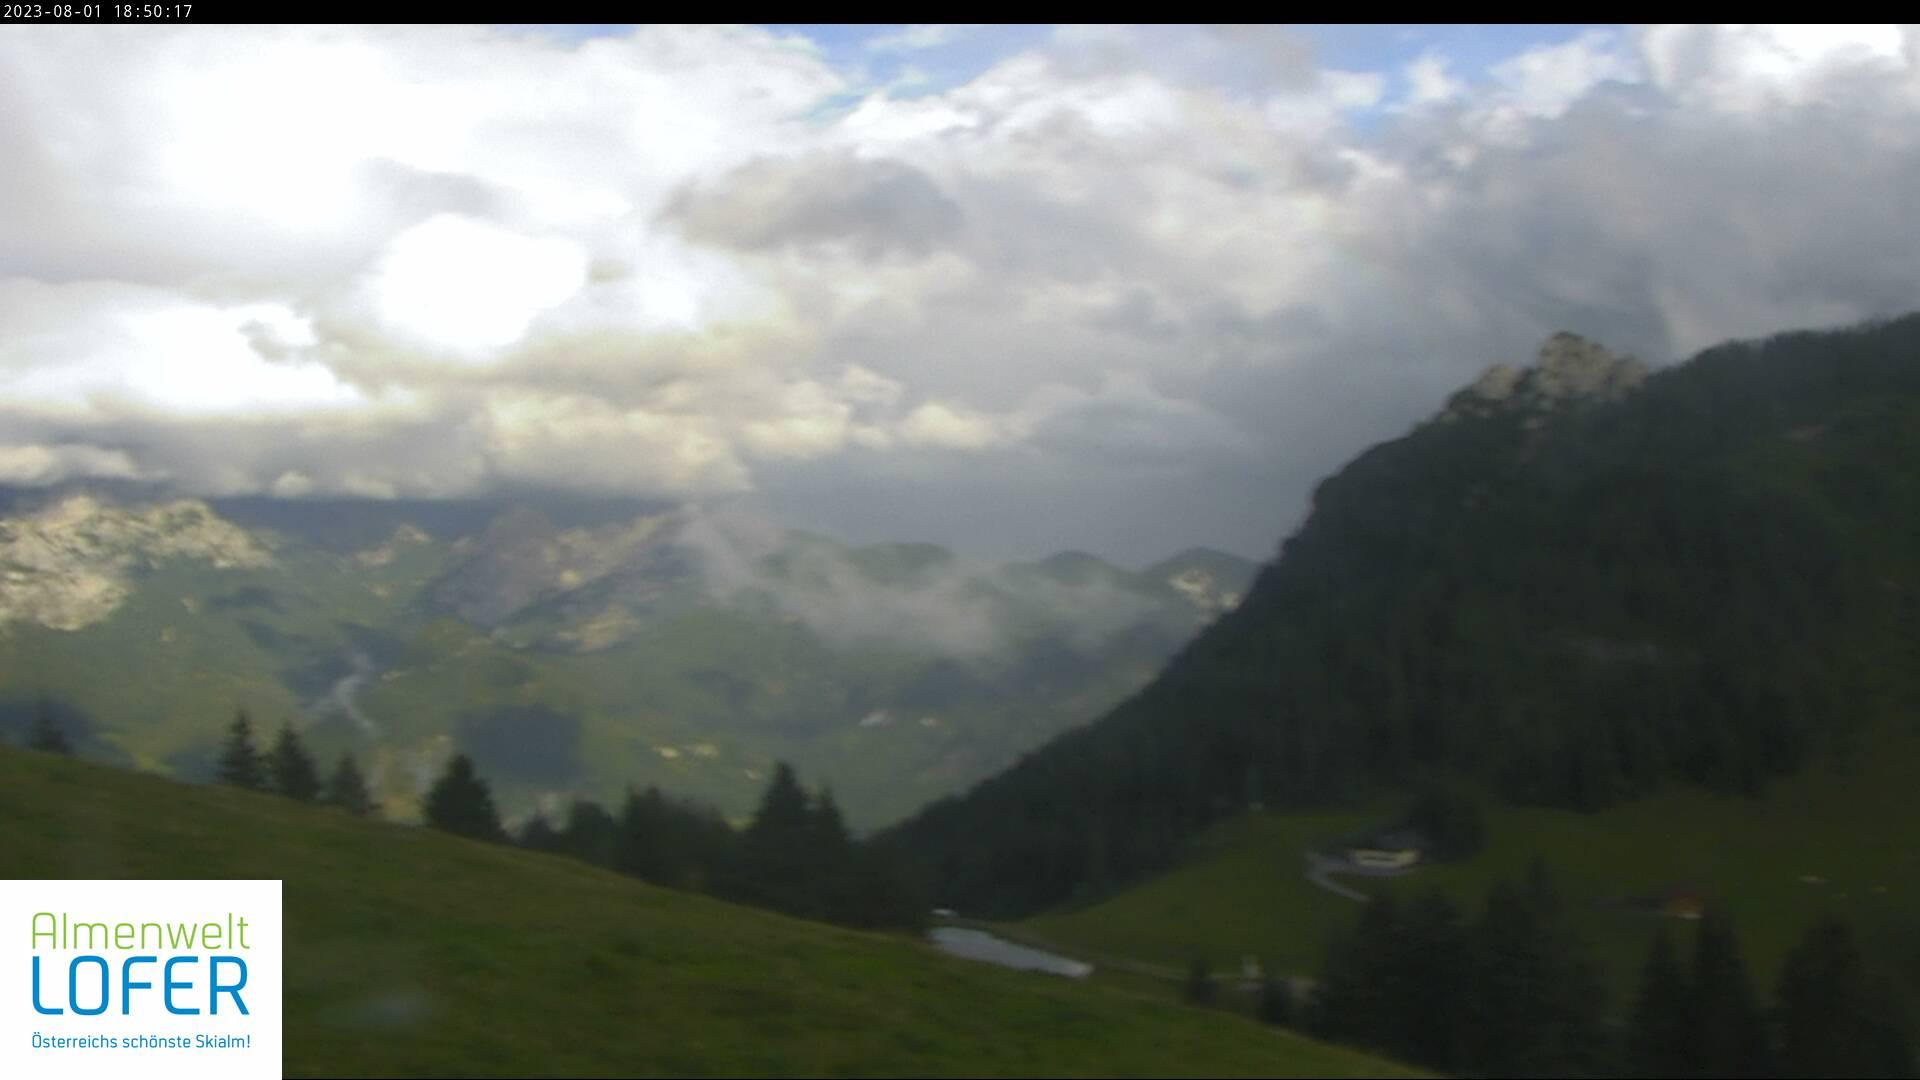 Berchtesgadner Alpen